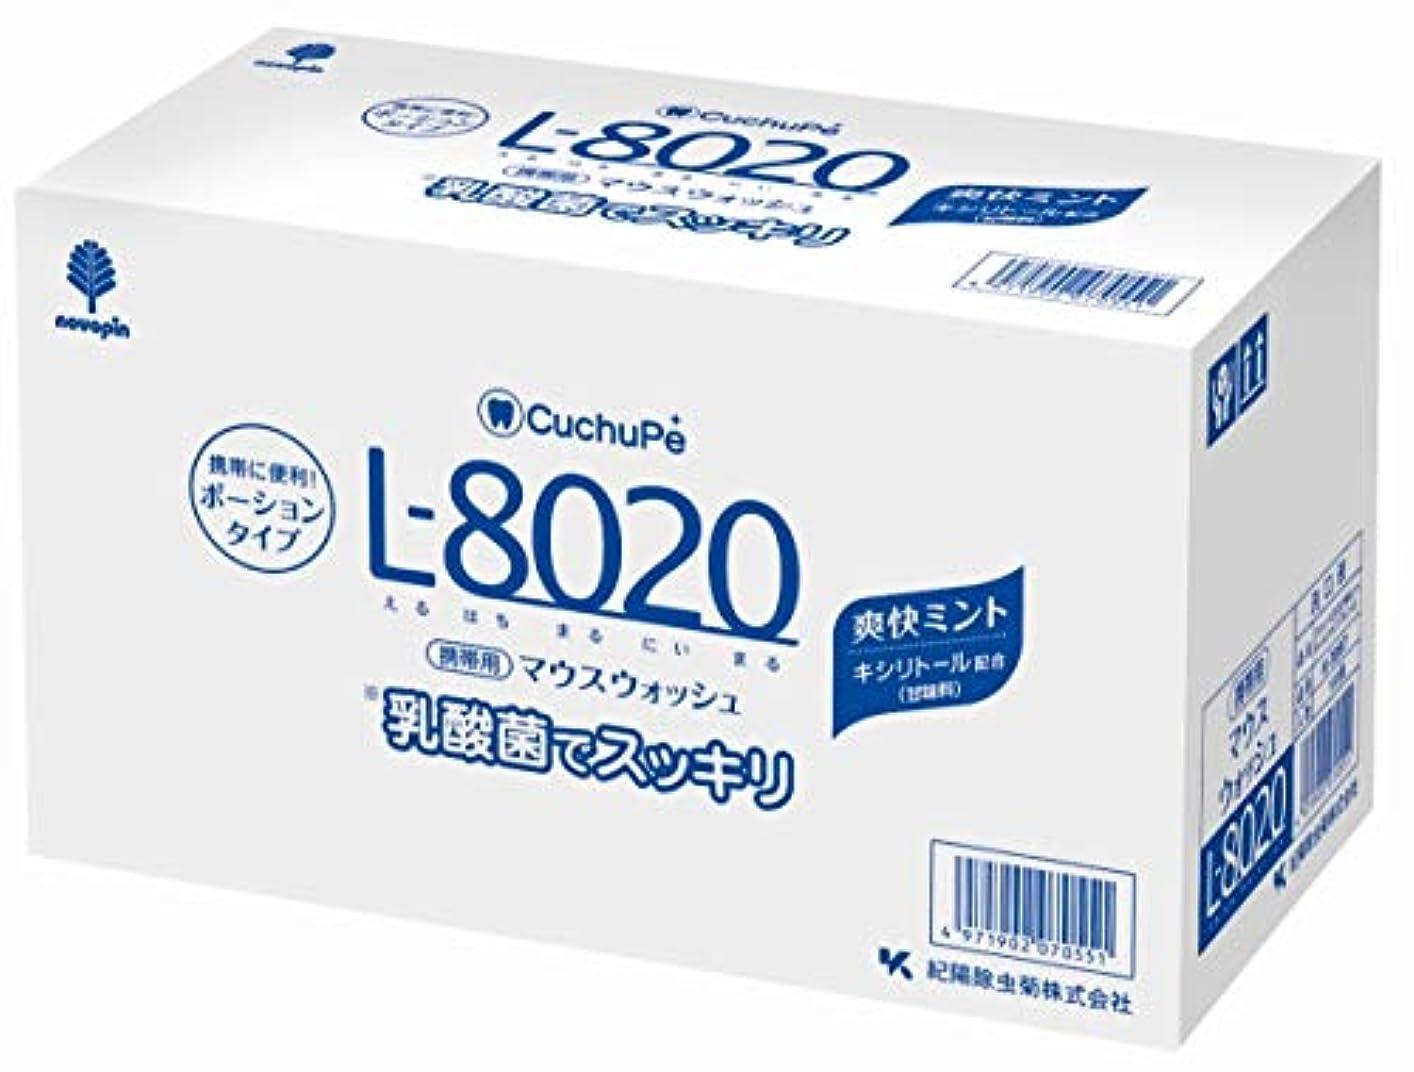 医師ソーセージ電話日本製 made in japan クチュッペL-8020 爽快ミント ポーションタイプ100個入(アルコール) K-7097【まとめ買い10個セット】